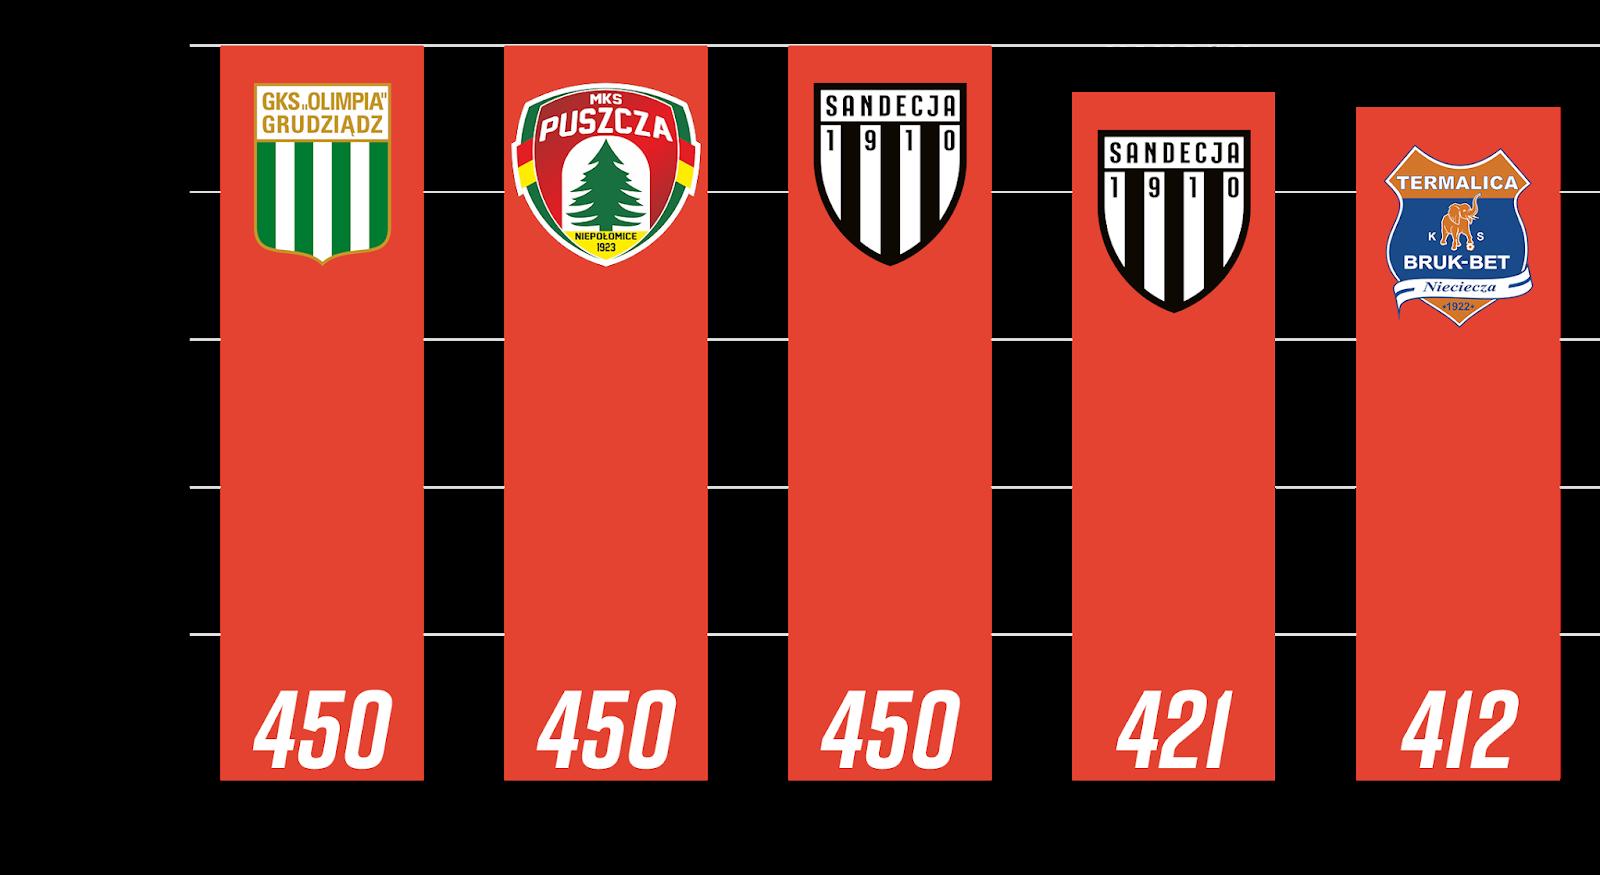 Młodzieżowcy z największą liczbą minut po 5. kolejce Fortuna 1 Ligi<br><br>Źródło: Opracowanie własne na podstawie 90minut.pl<br><br>graf. Bartosz Urban